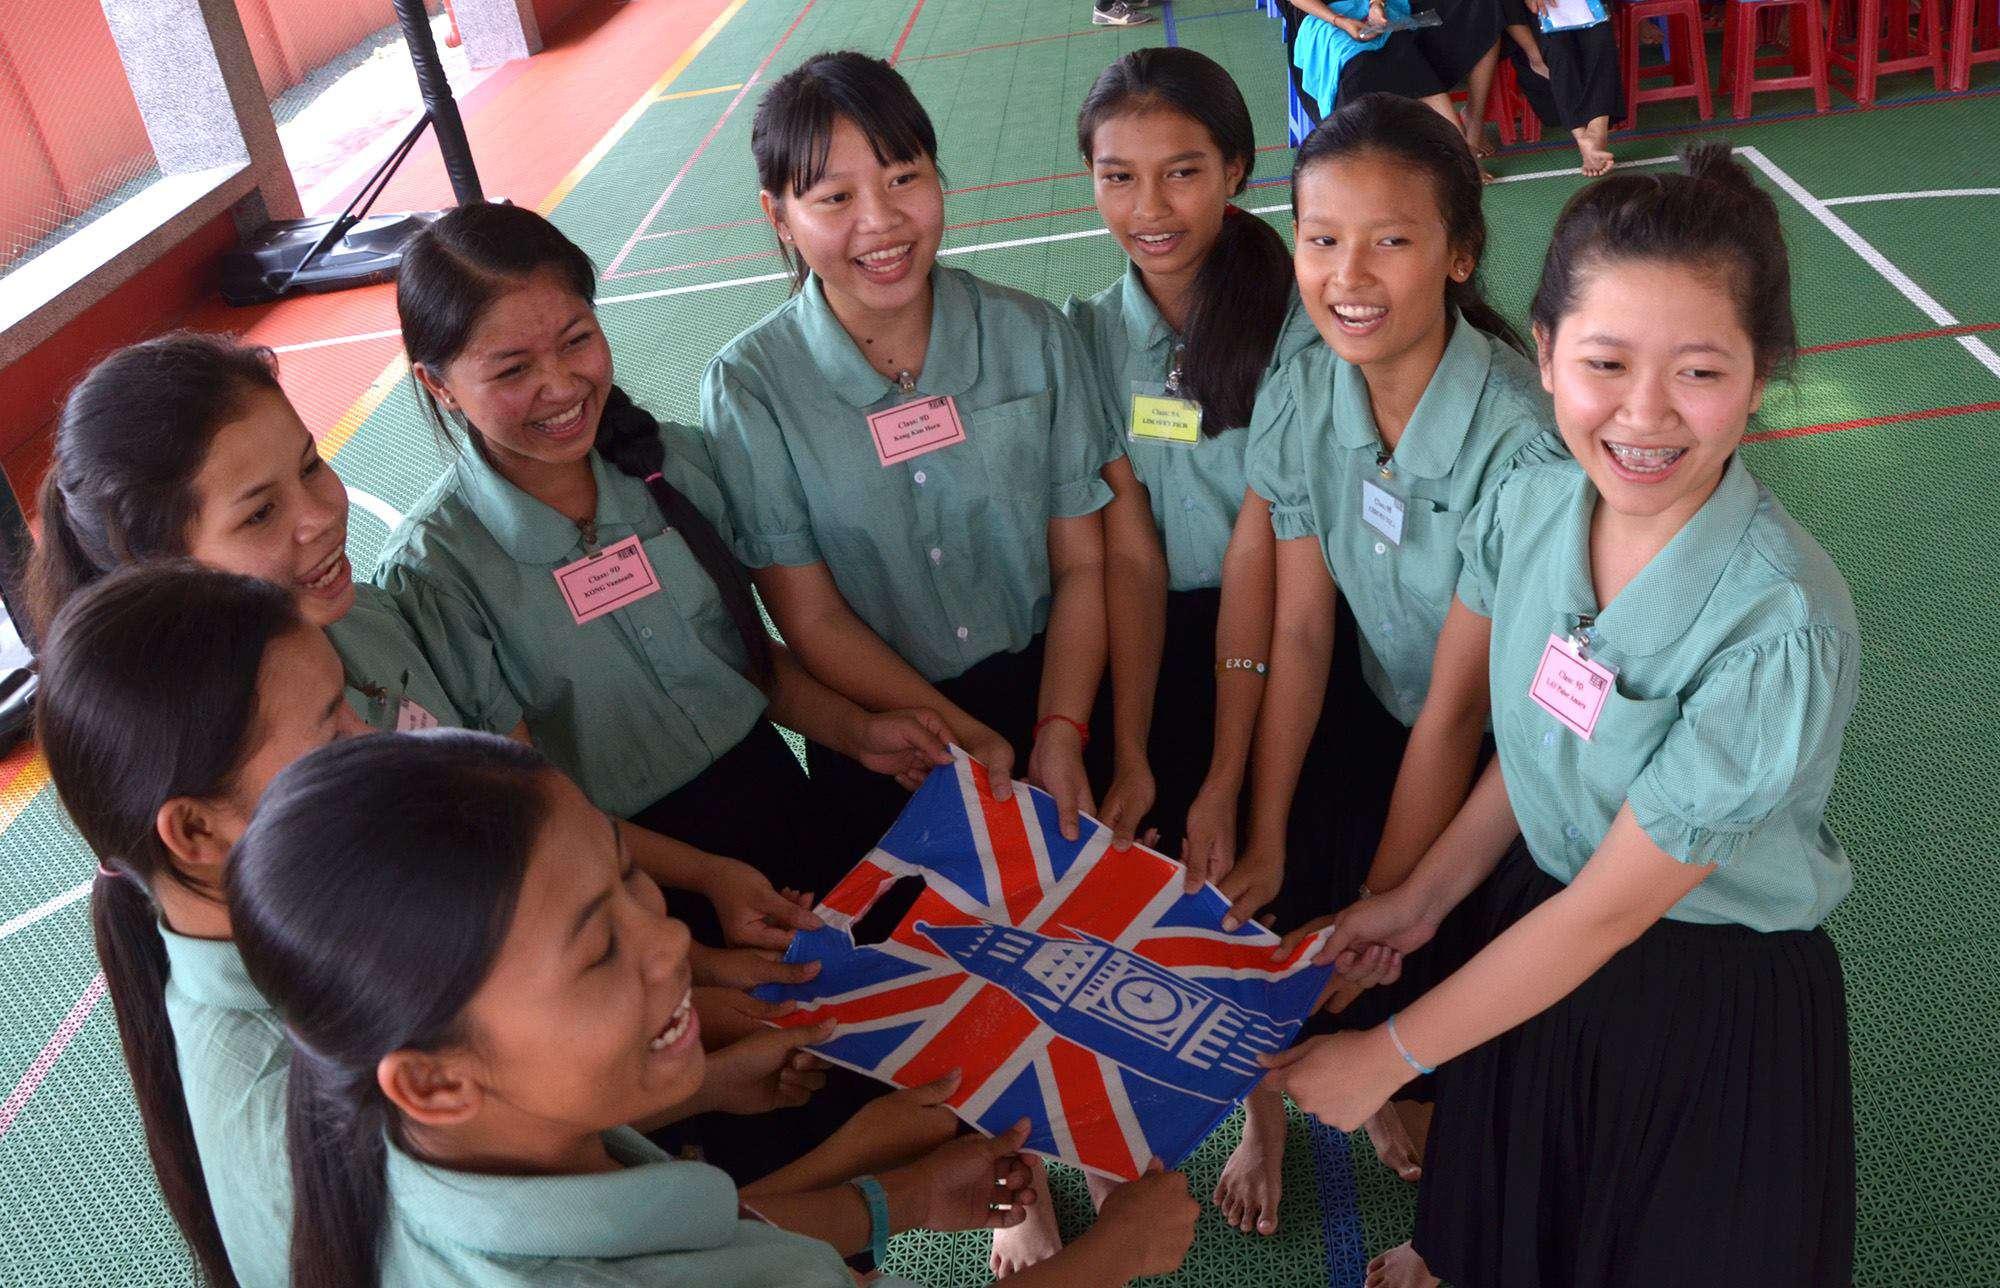 Happy_Chandara-Toutes_a_l_ecole-Scolarite-School-Cambodge-6